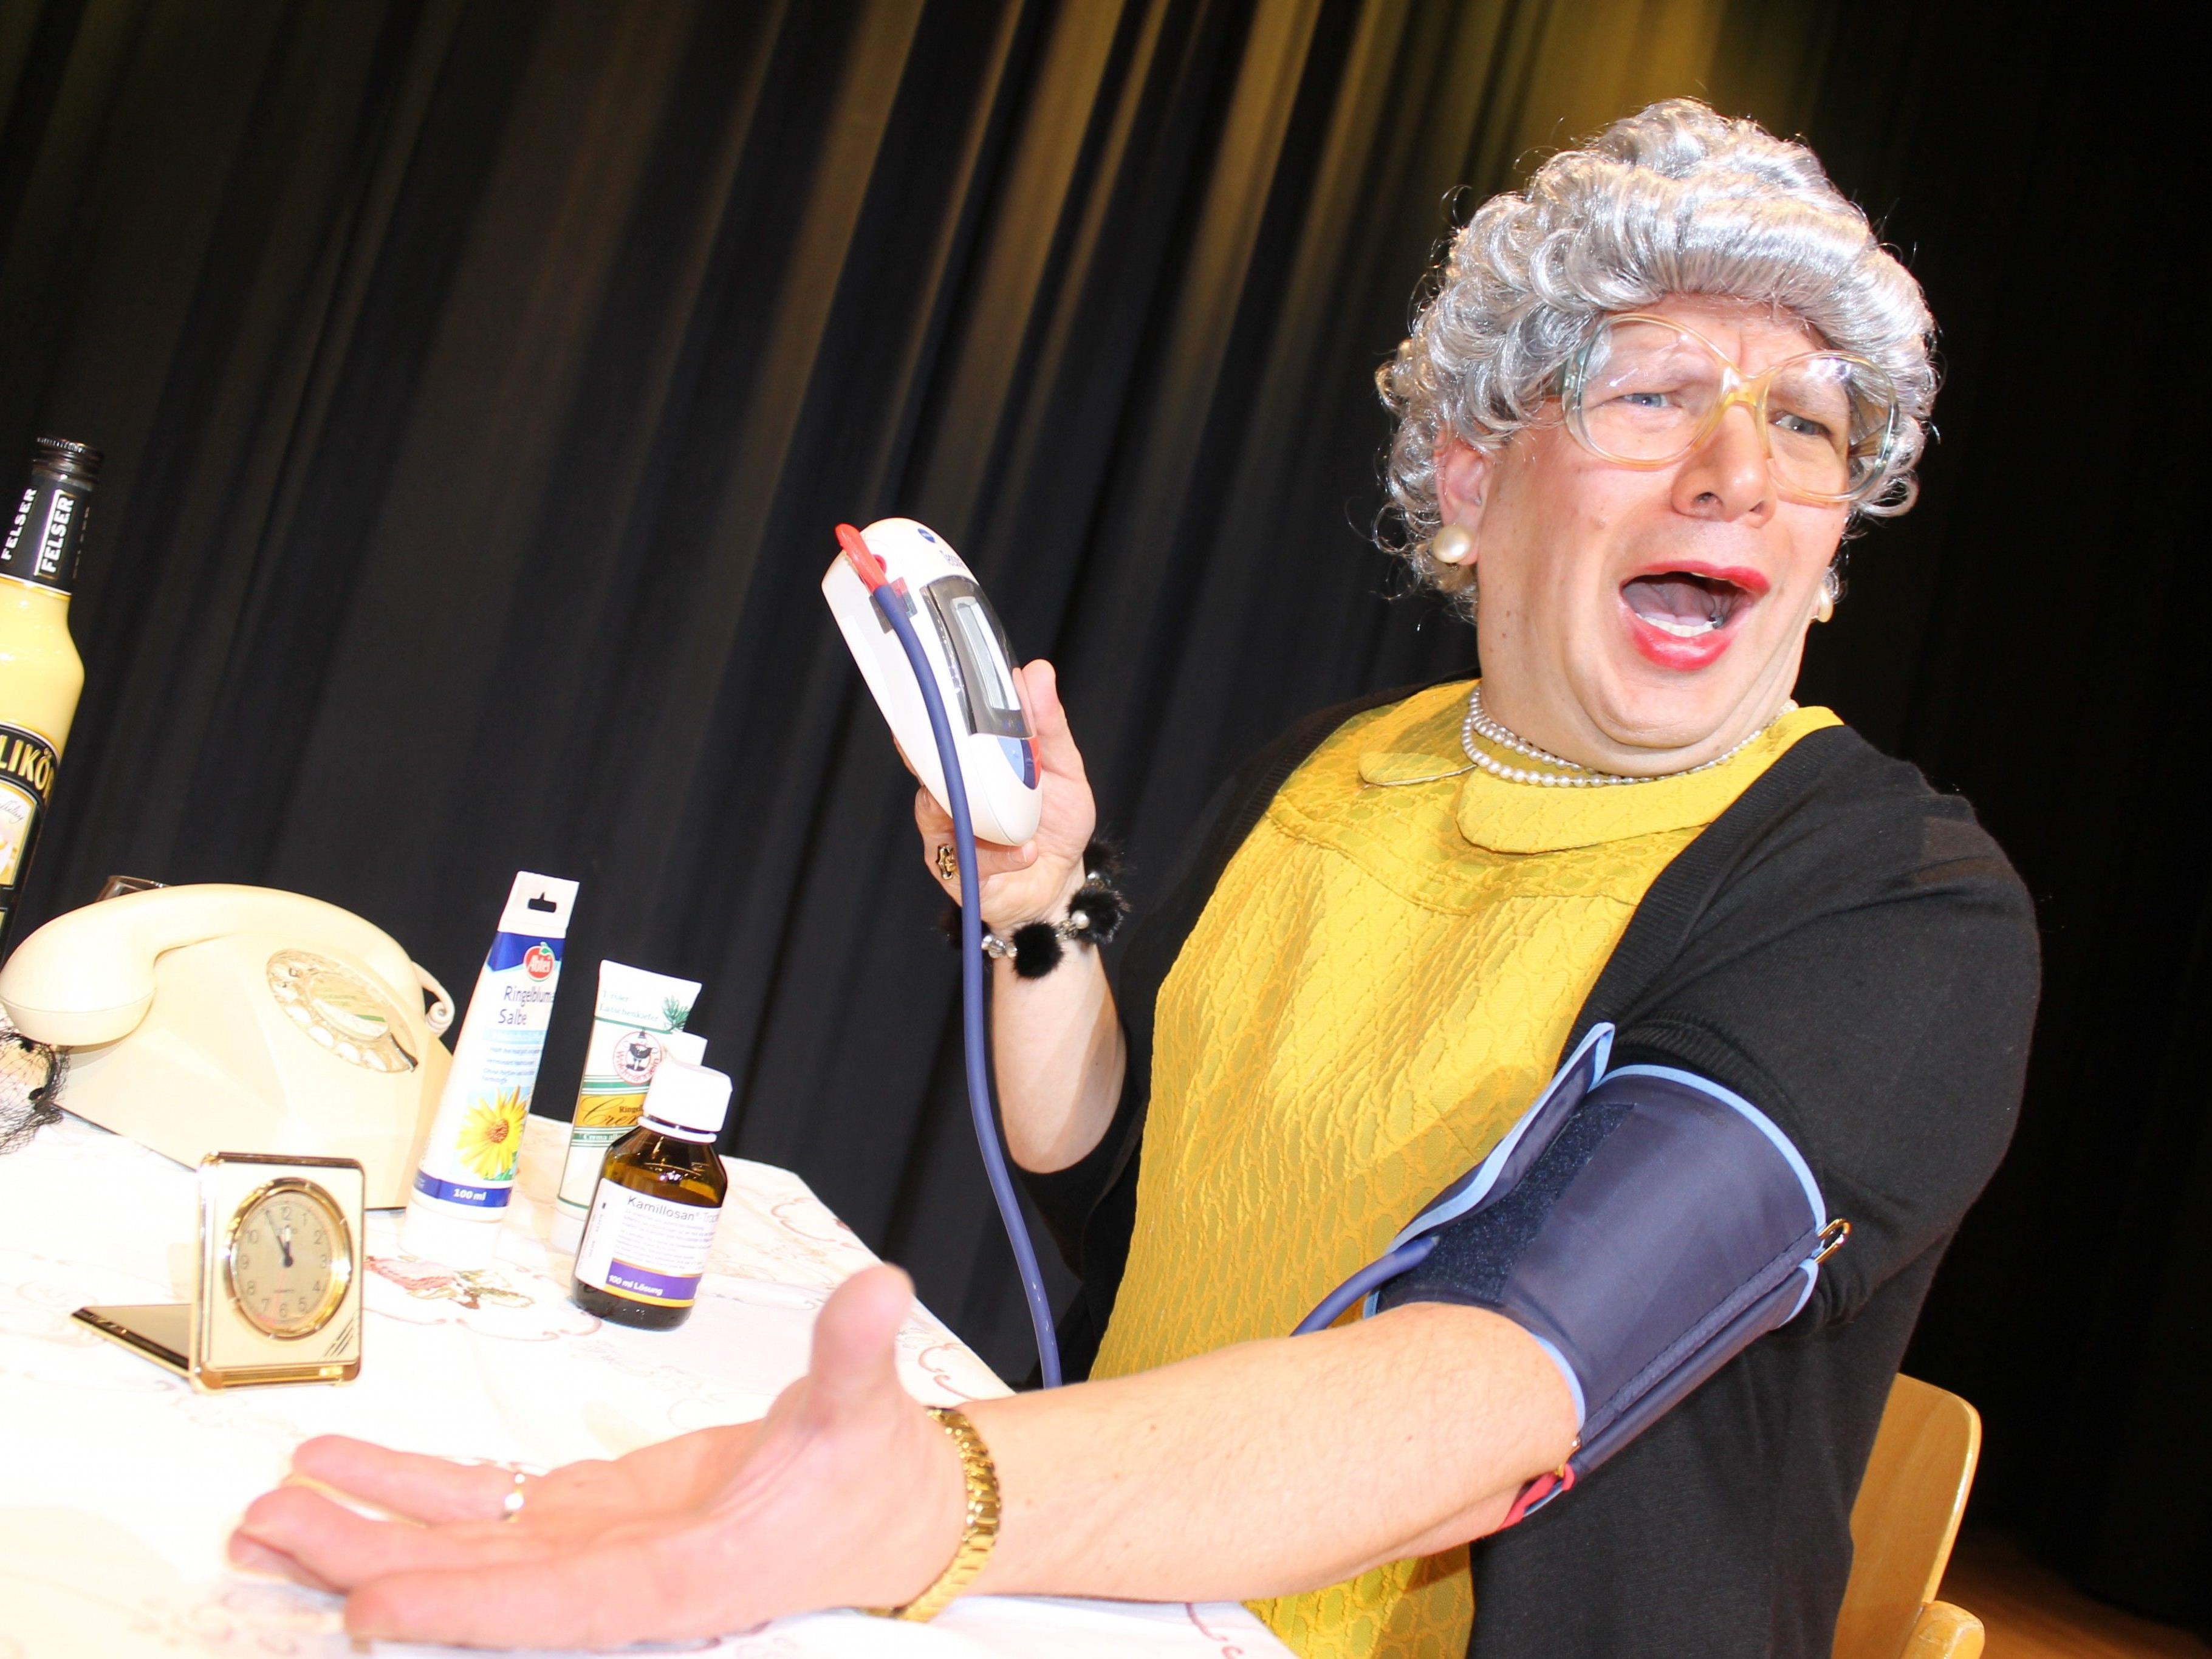 Bei ihrer letzten Vorstellung im Frühling 2017 wird Oma Lilli am 1. April um 20.00 Uhr im Dalaaser Kristbergsaal für einen humorvollen Abend sorgen.